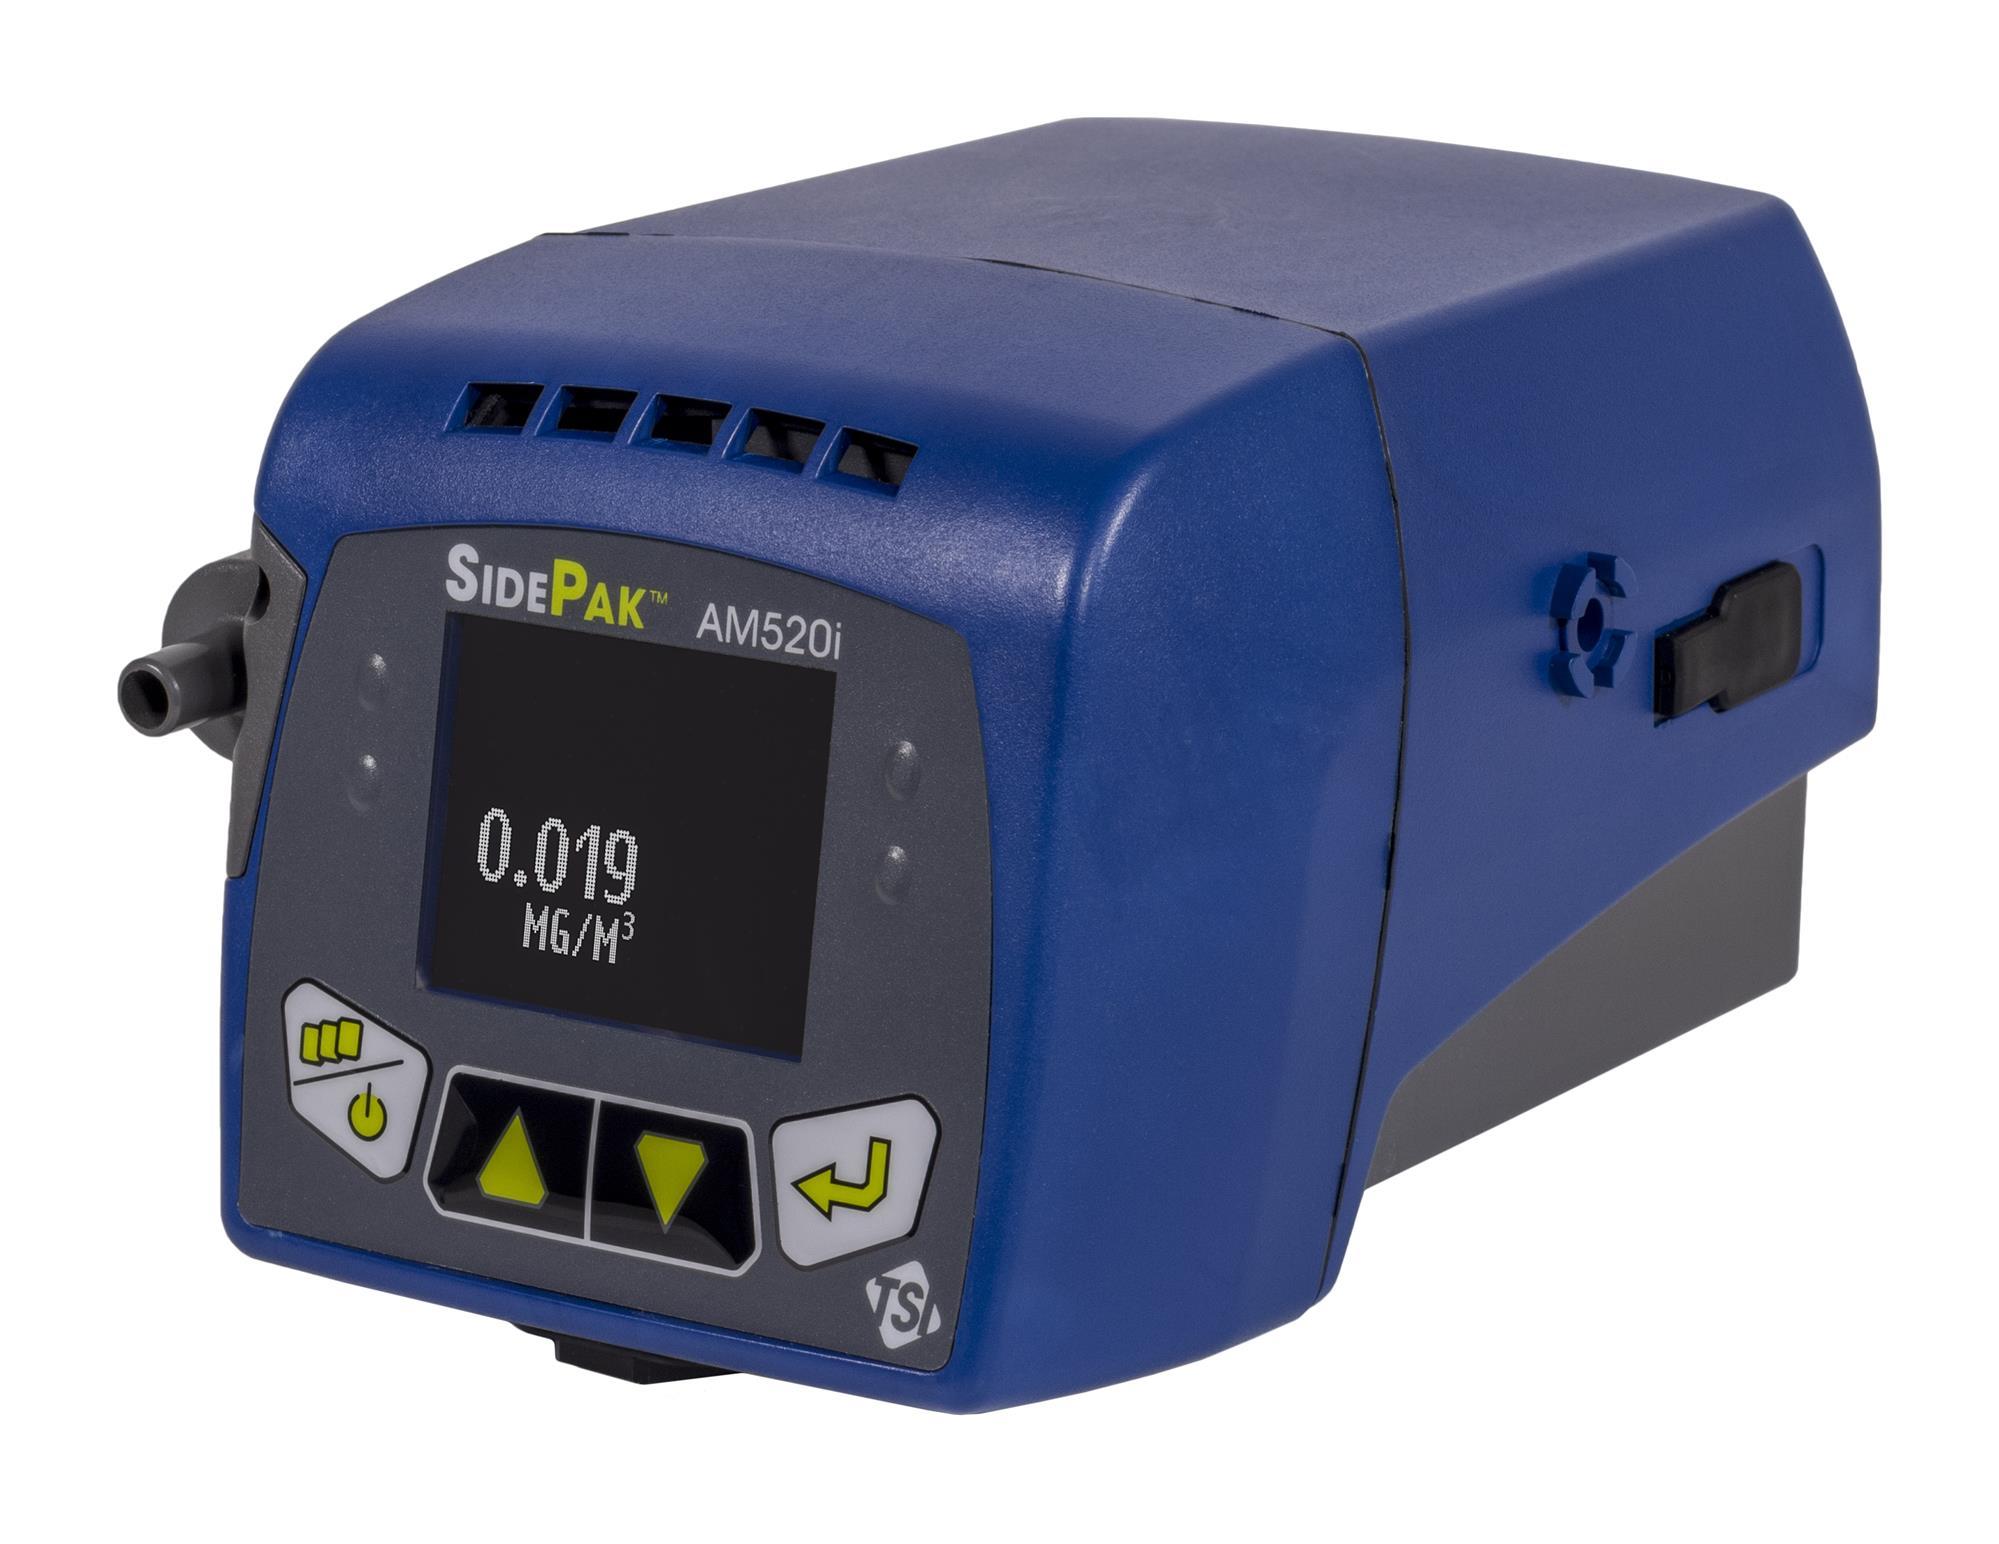 TSI金牌代理商-SIDEPAK AM520i型个体气溶胶监测仪